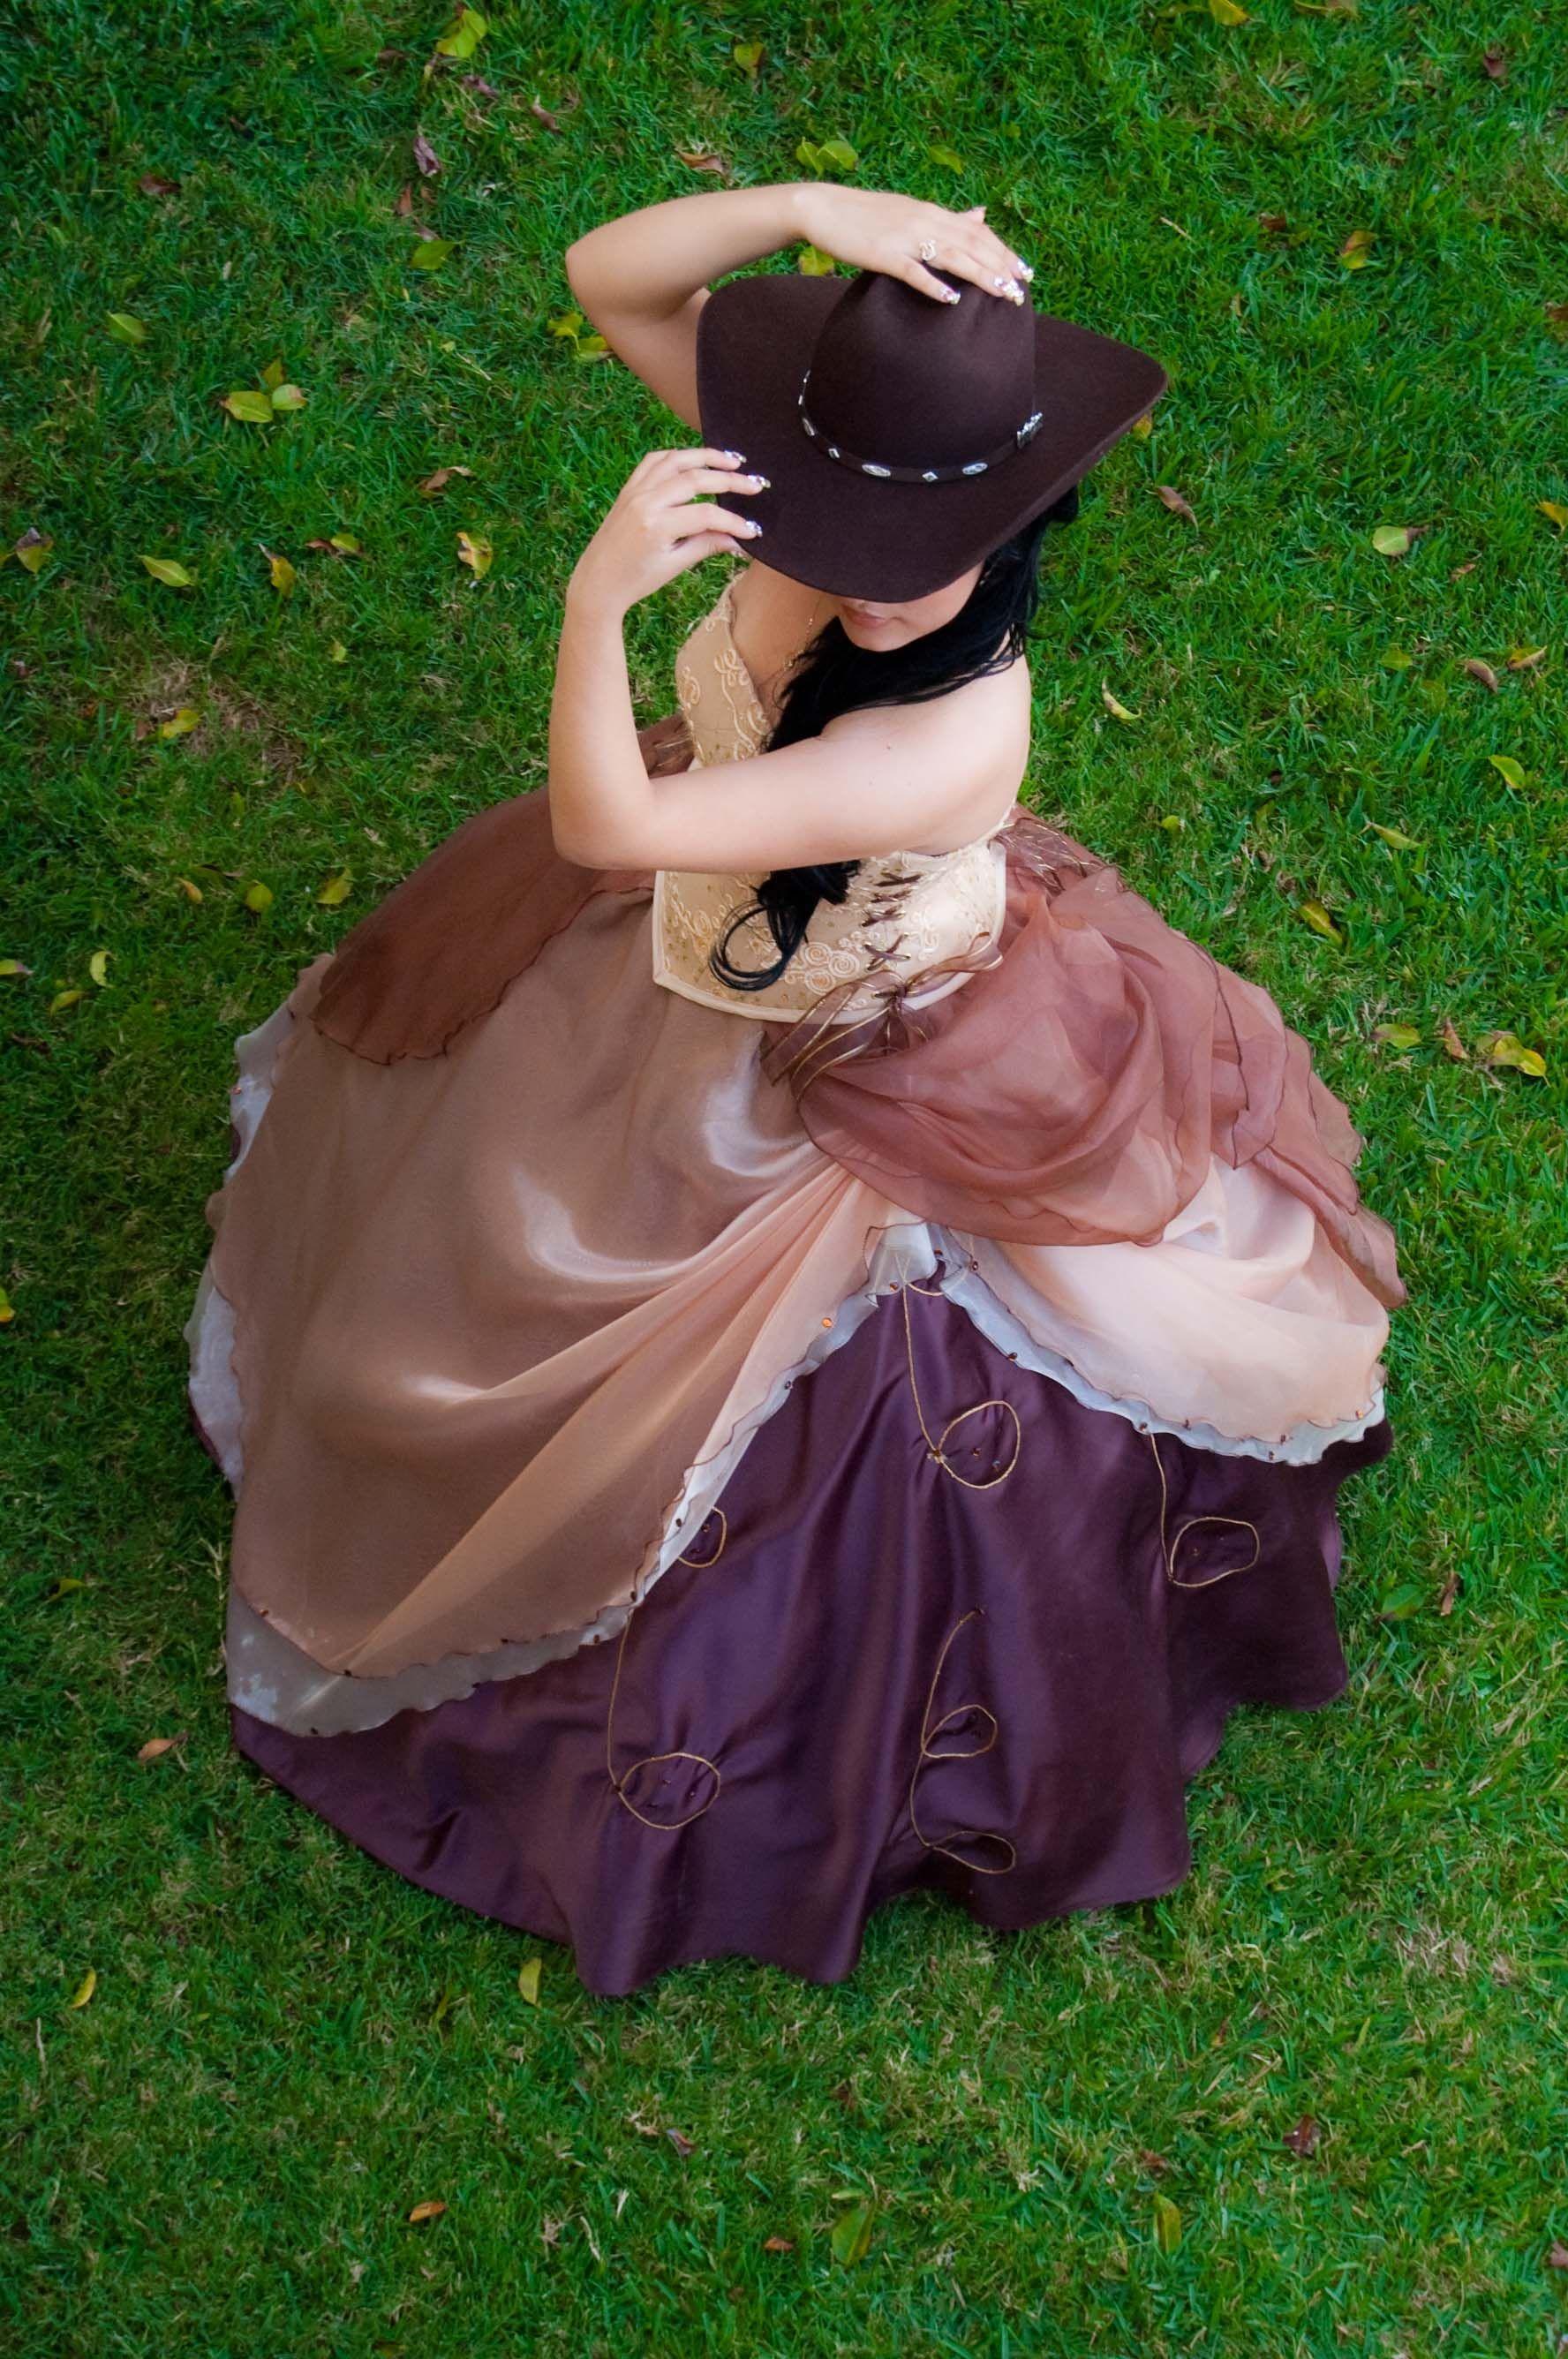 Xv Años Vaquero Salon Real Ensenada Vestidos Baqueros